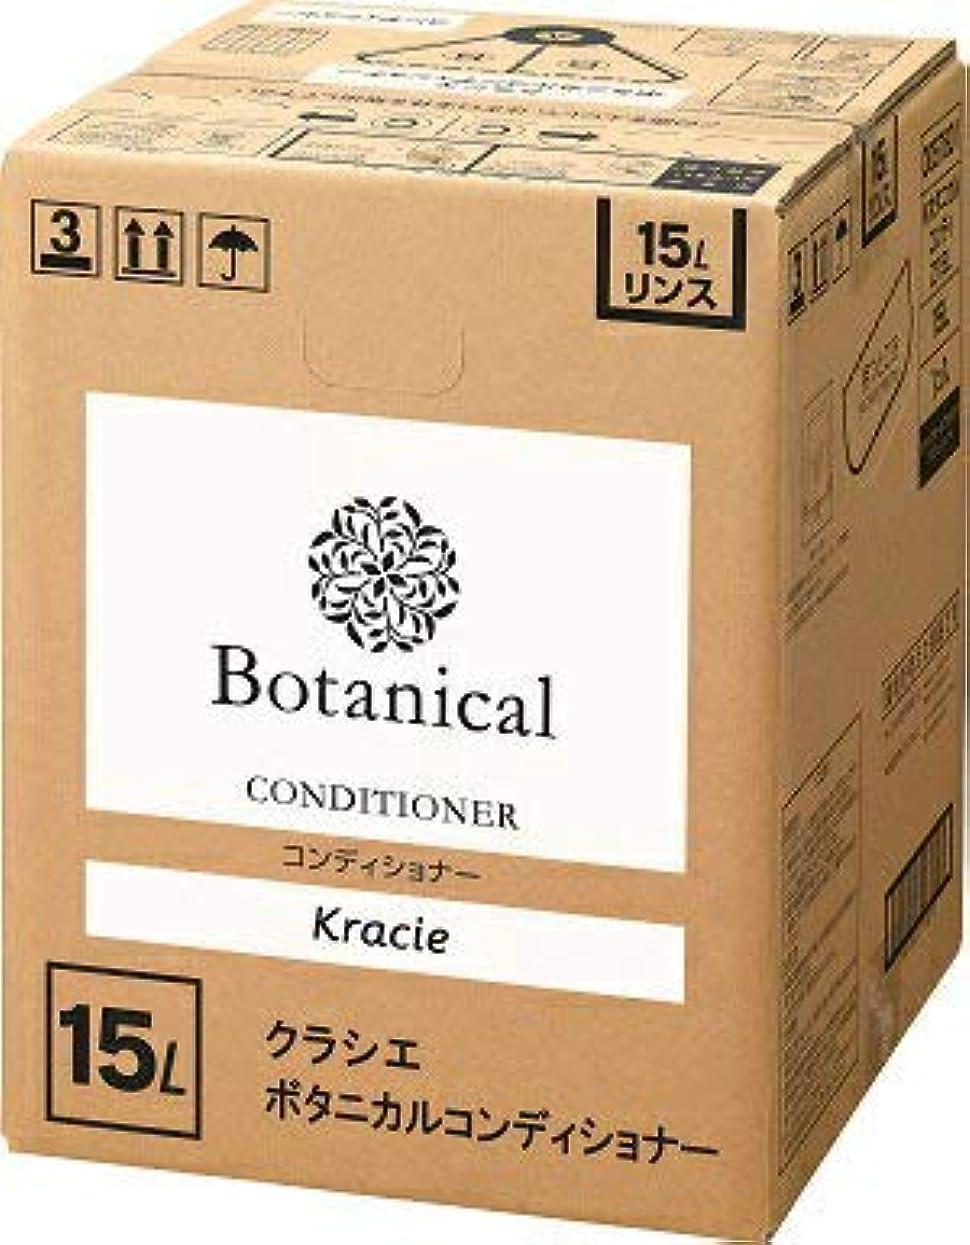 大通り花瓶騙すKracie クラシエ Botanical ボタニカル コンディショナー 15L 詰め替え 業務用